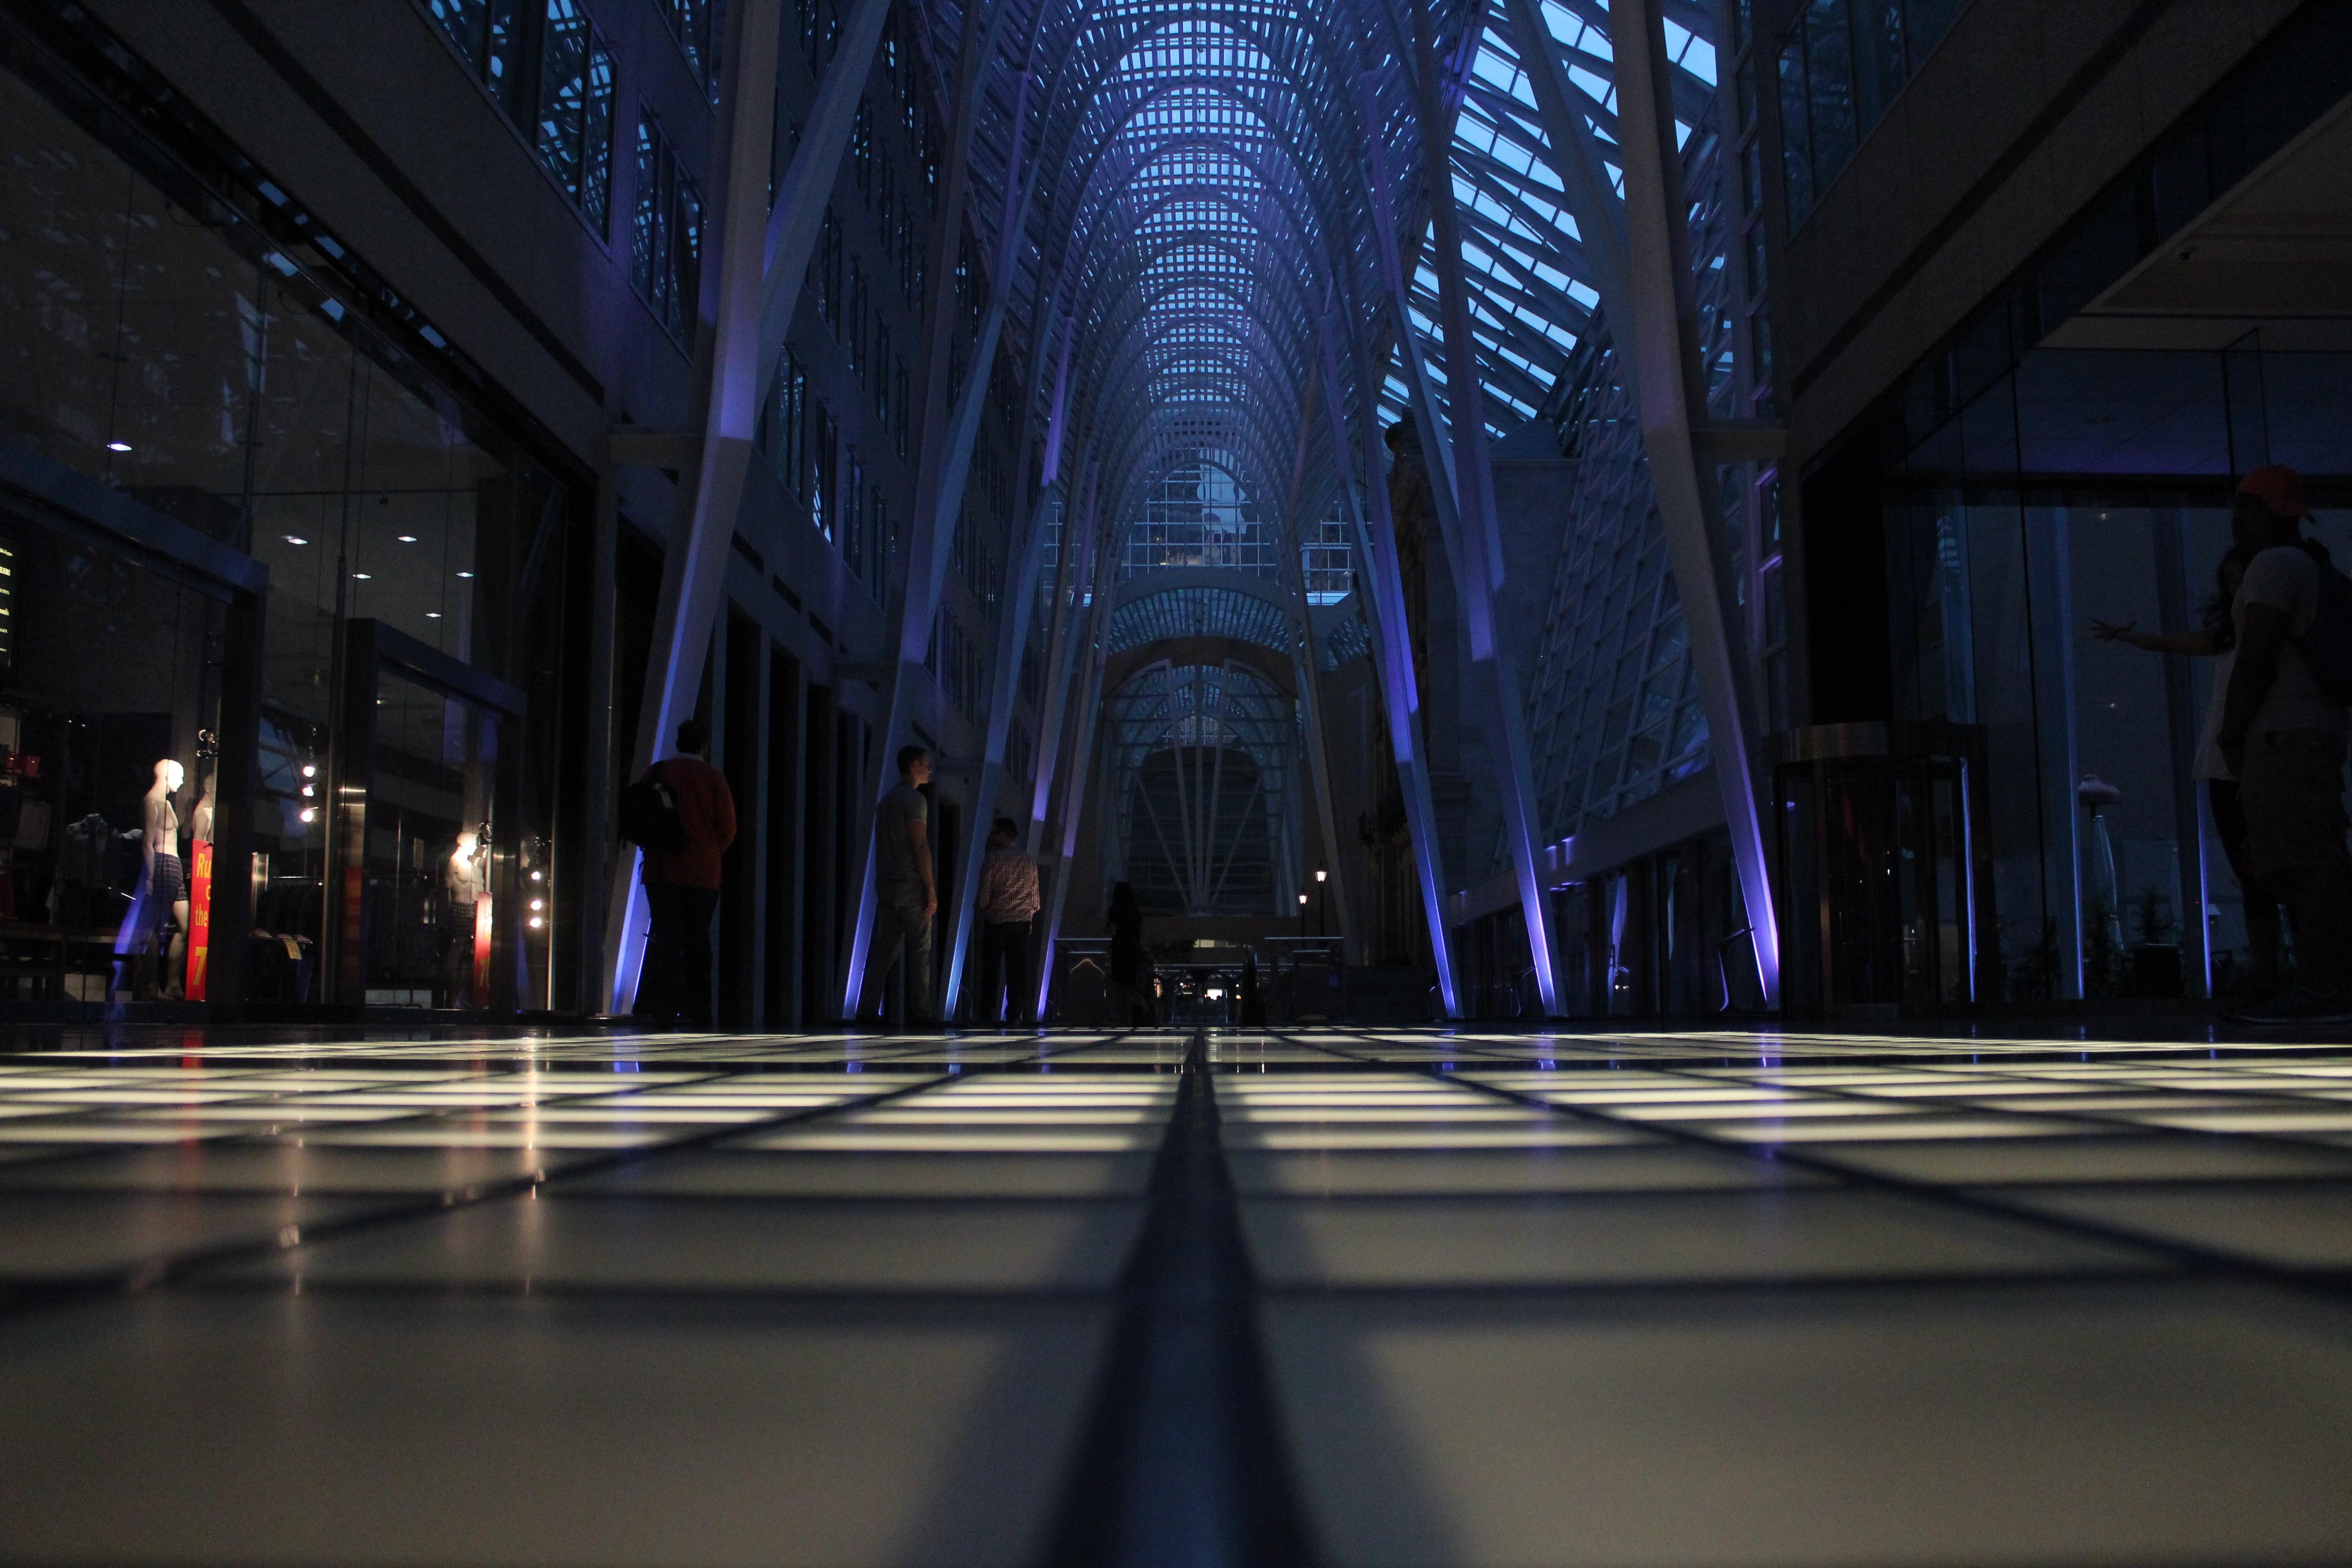 Banco De Imagens : Caminhando, Luz, Arquitetura, Estrutura, Pessoas, Noite,  Construção, Tarde, Padronizar, Clarabóia, Trevas, Compras, Iluminação,  Moderno, ...